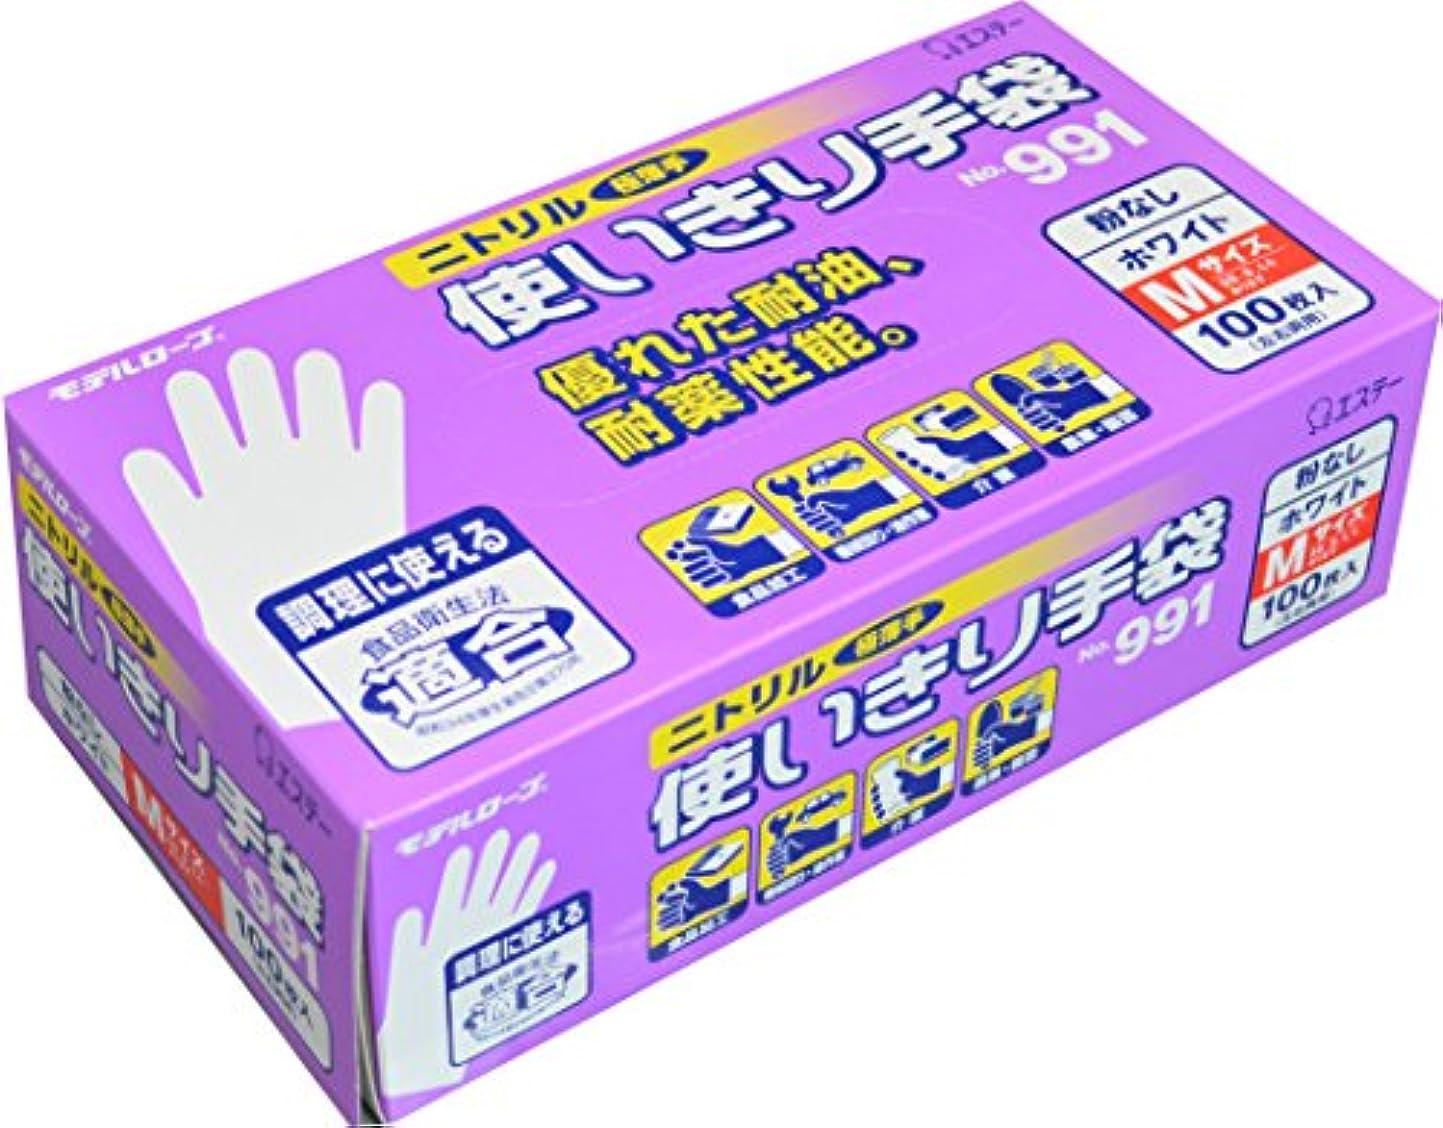 インスタントビジネスバストモデルローブ NO991 ニトリル使い切り手袋 100枚 ホワイト M